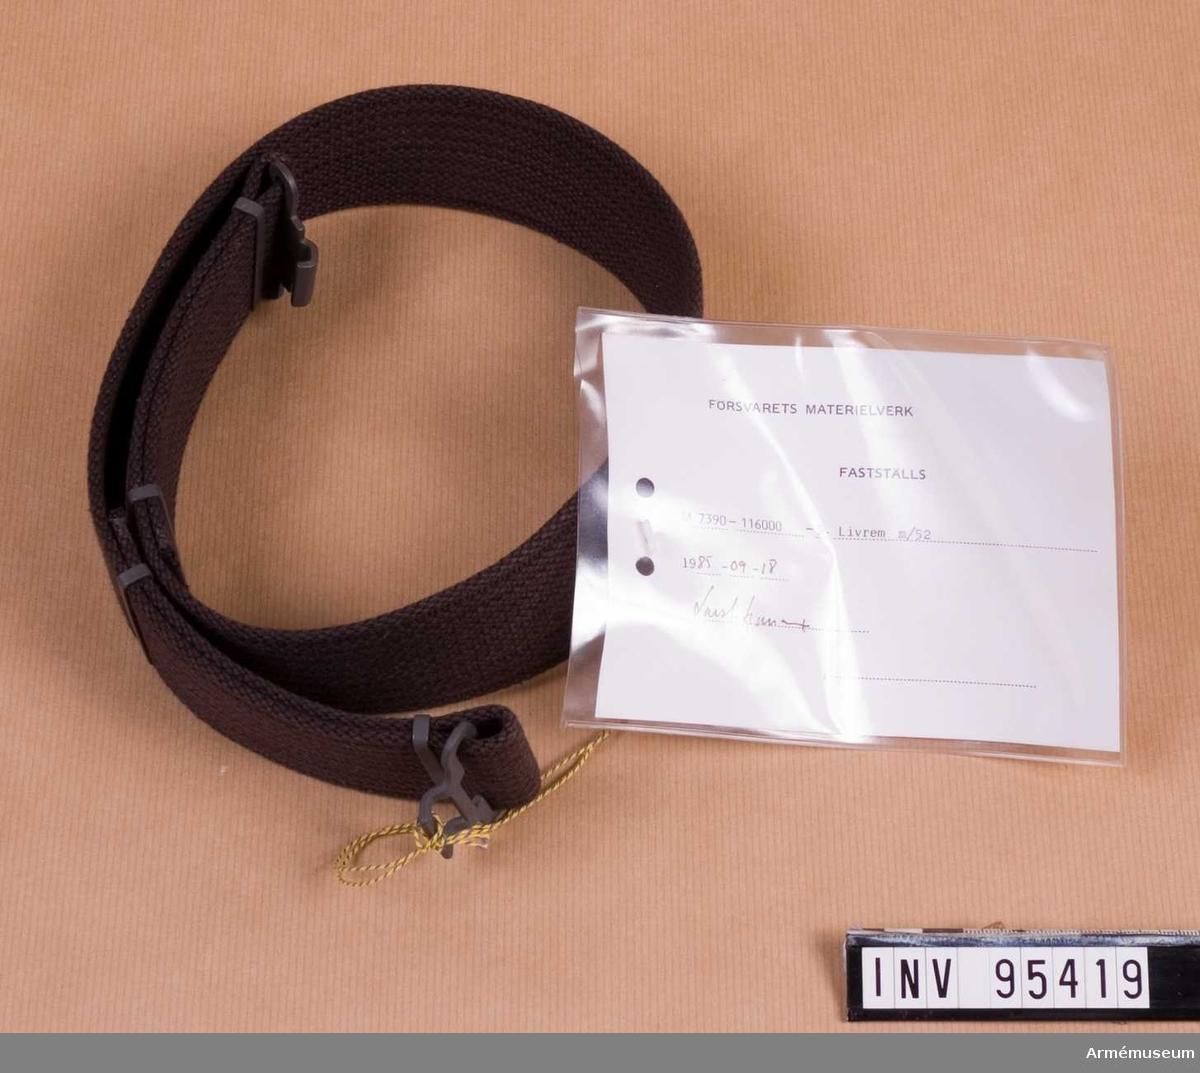 """Vidhängande etikett: """"Försvarets materielverk Fastställs M 7390-116000-5, Livrem m/52, 1985-09-18 (oläslig underskrift)""""."""